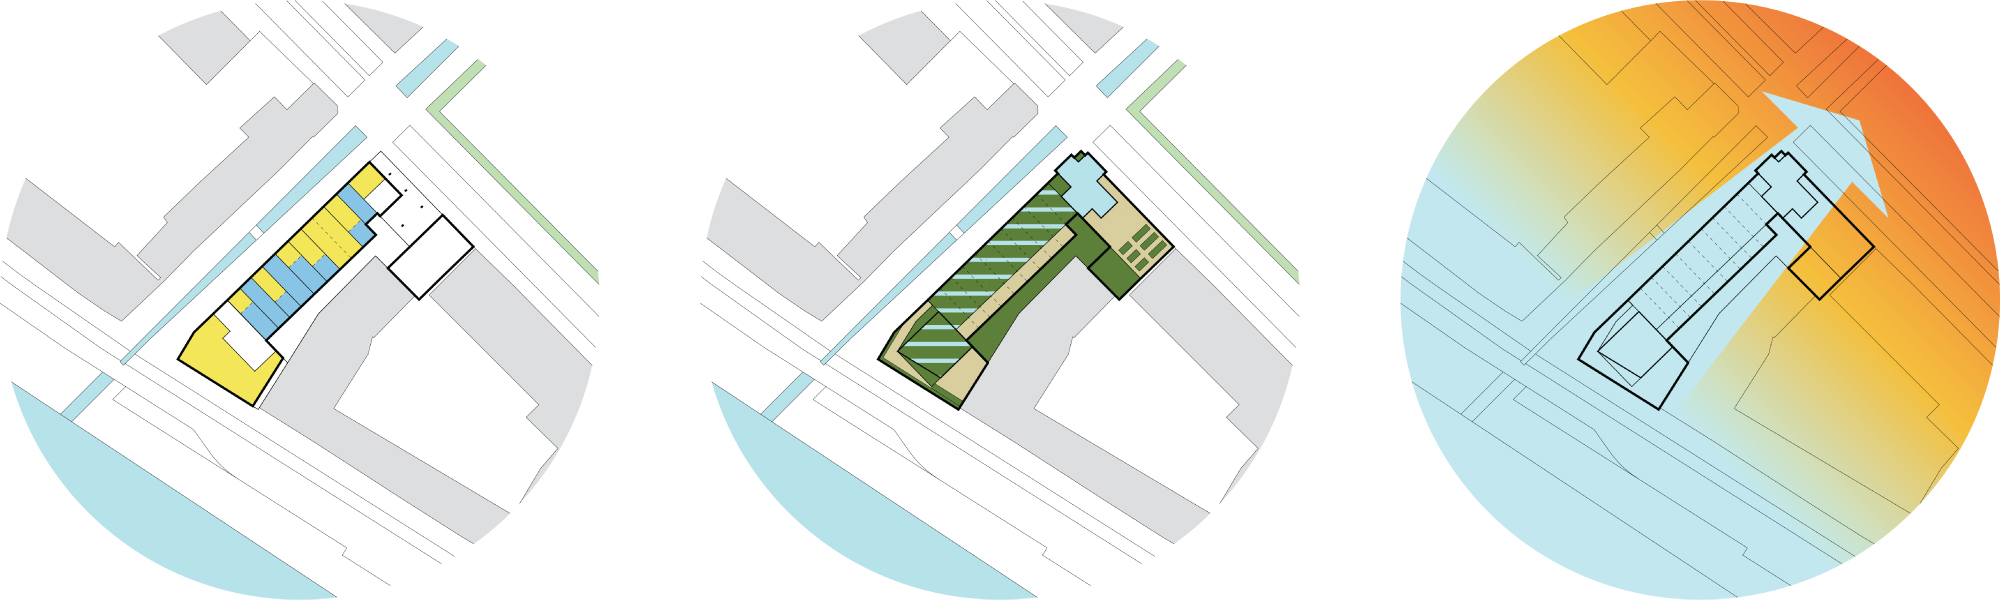 architectuur_maken_diagram_hittekaart_flexibel-programma_groenstructuur_waterberging